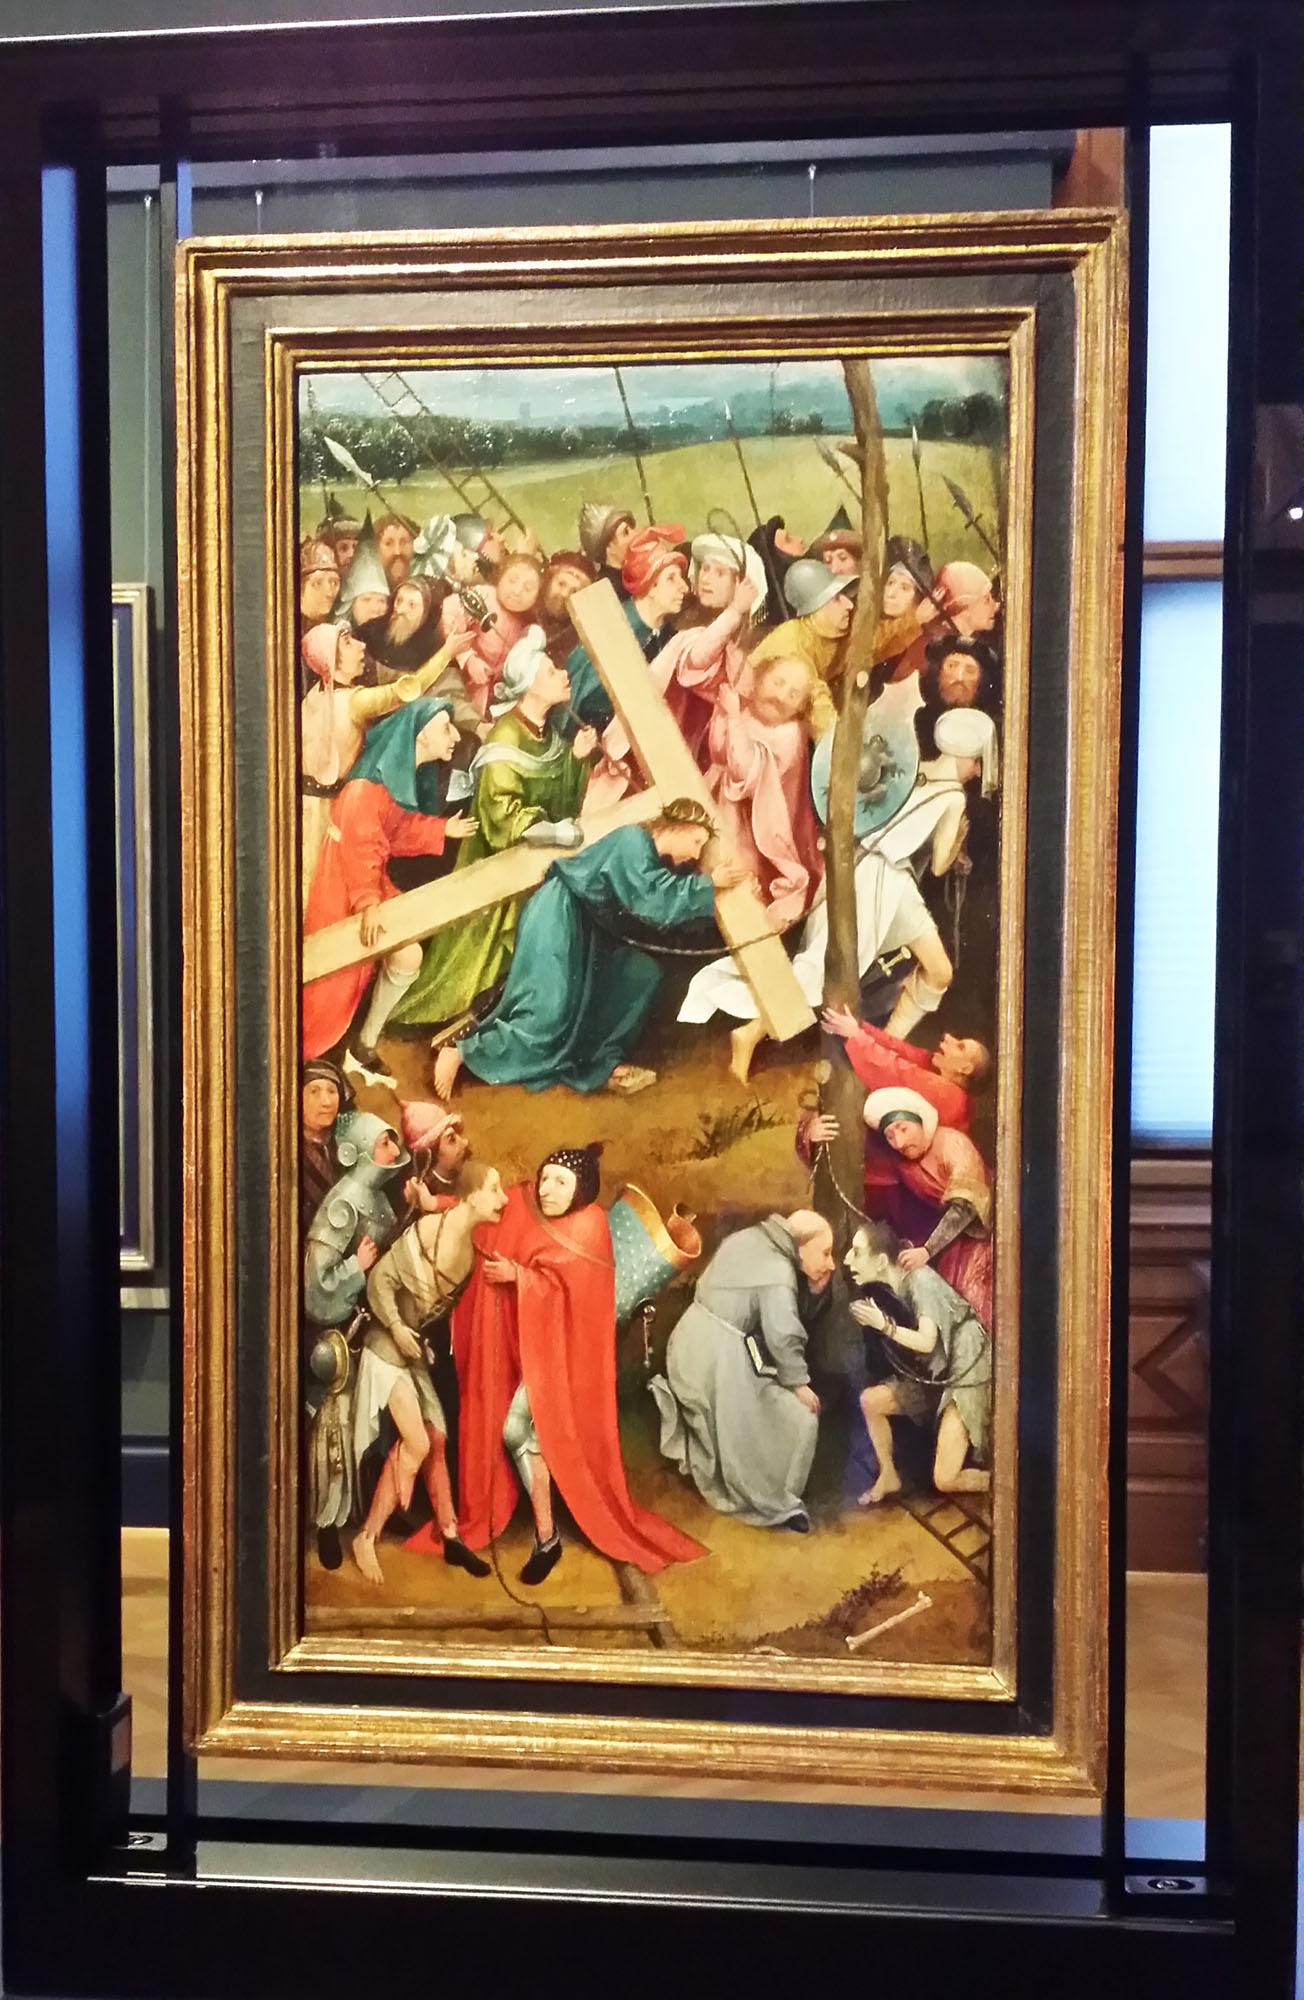 ヒエロニムス・ボス作「十字架を運ぶキリスト」